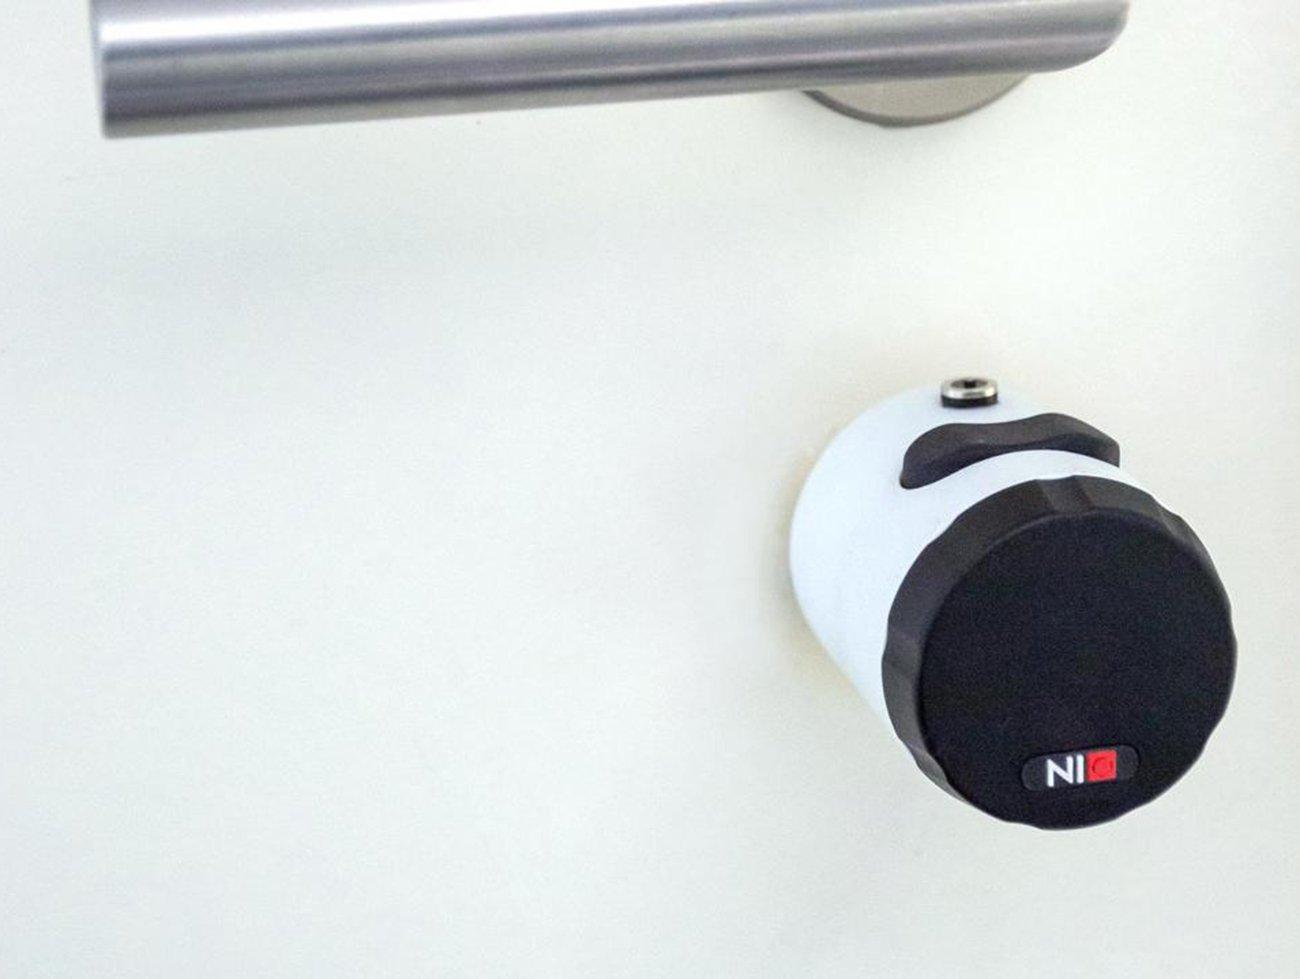 Serratura elettronica EVVA Nio Zen